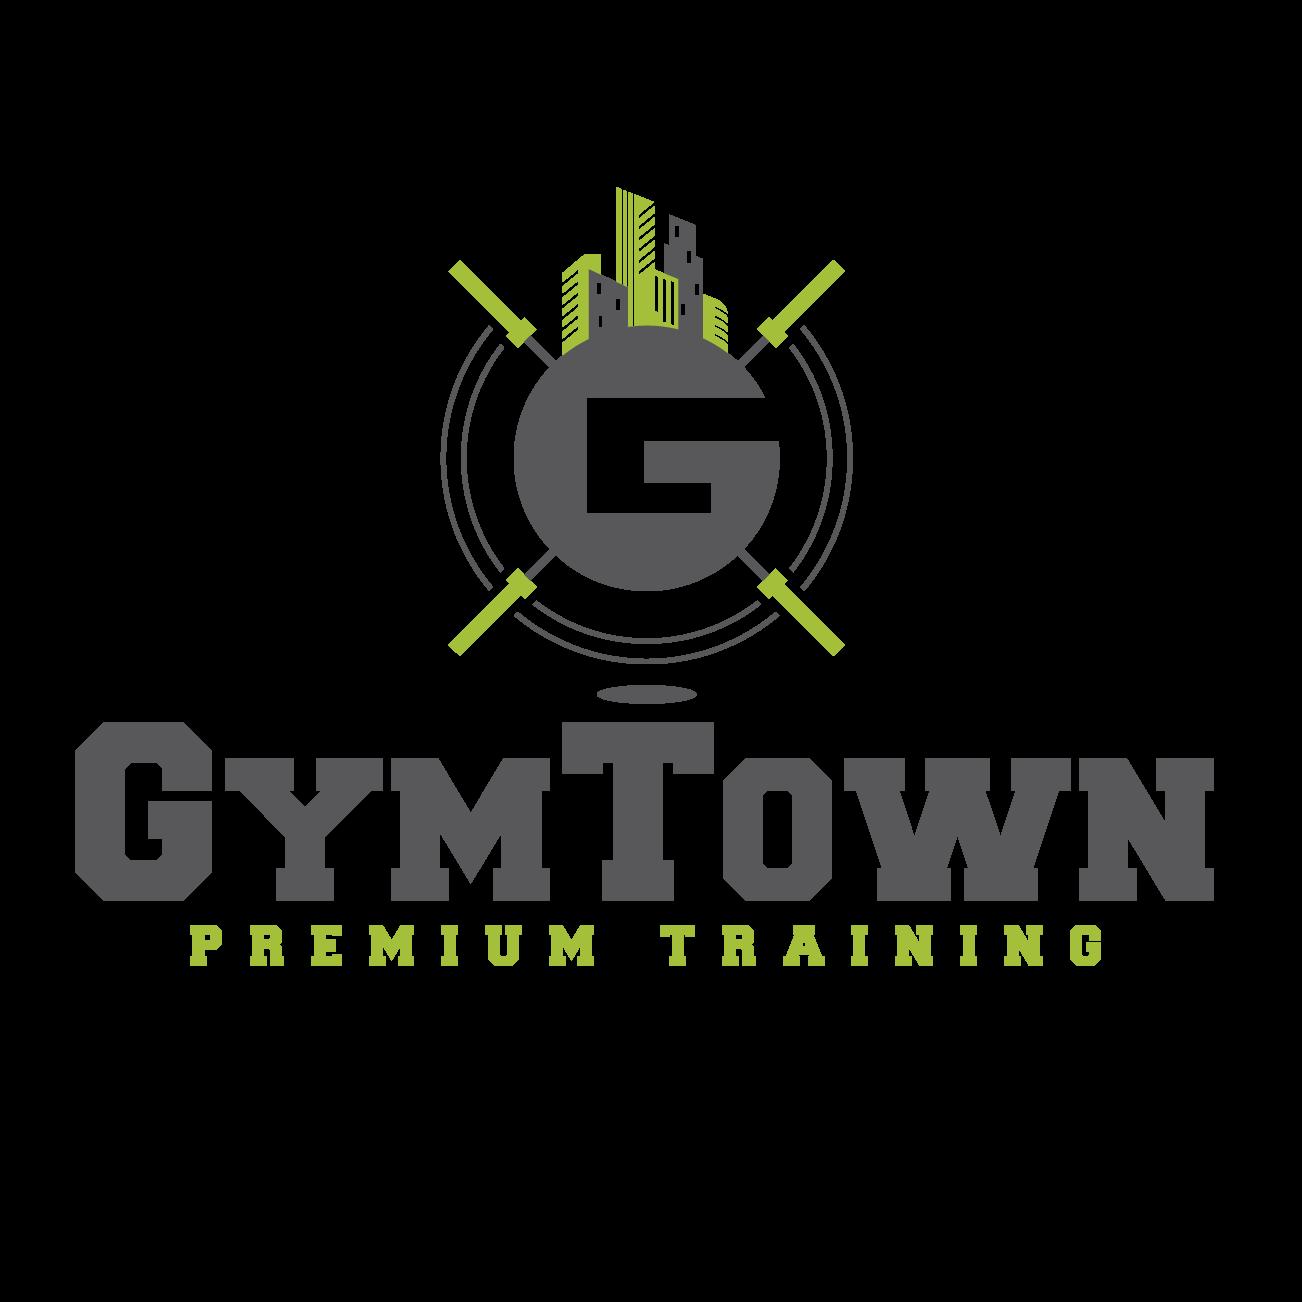 gymtown